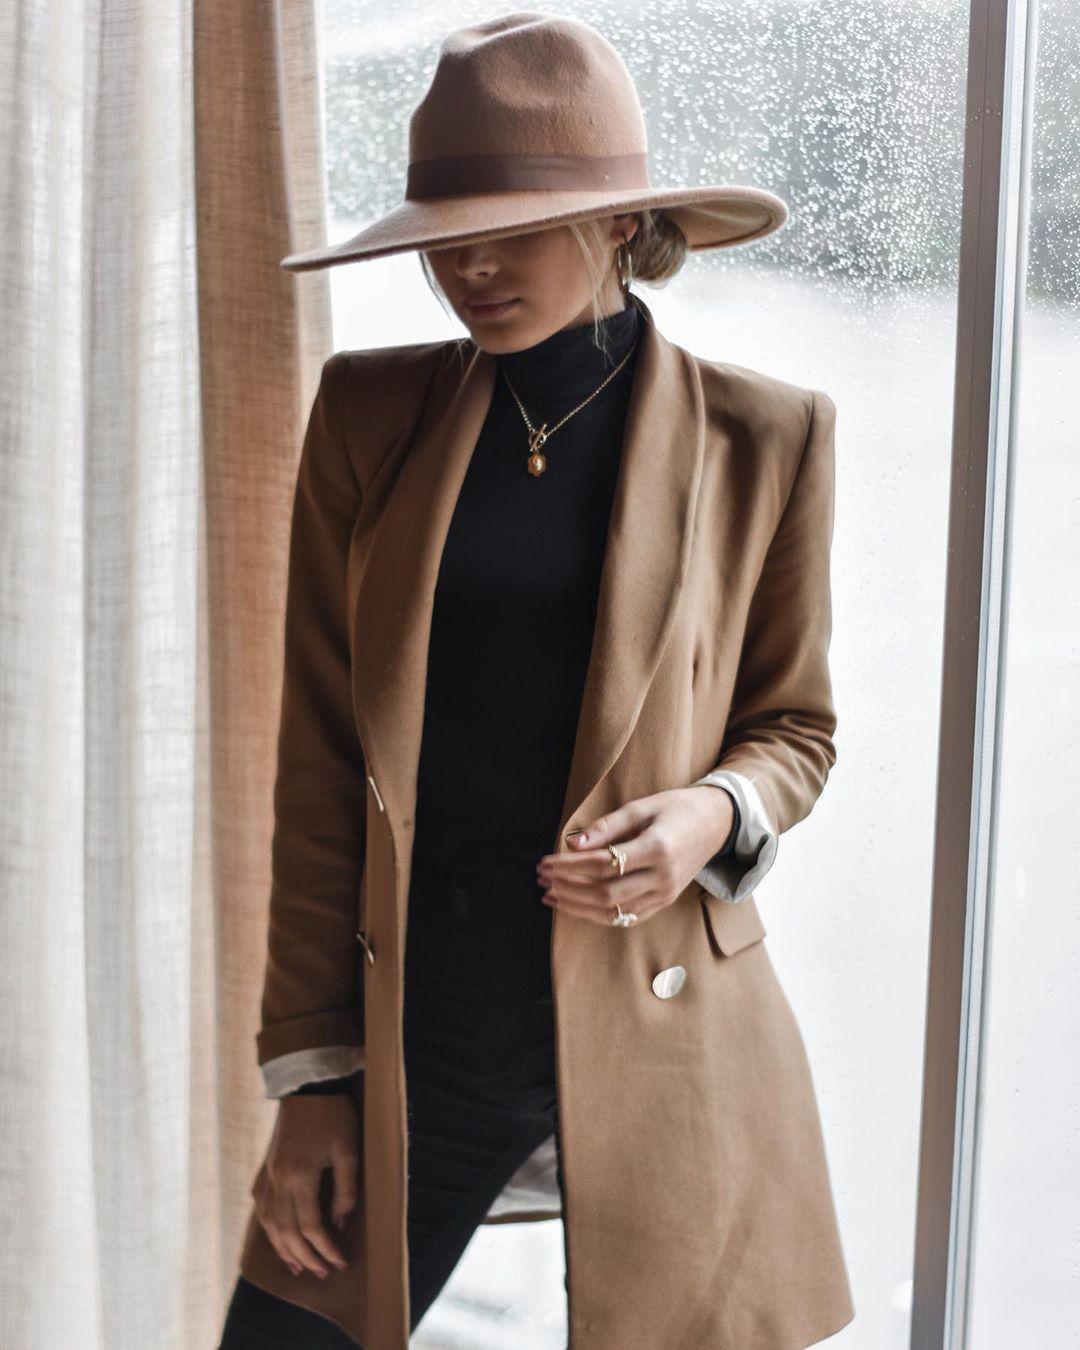 crossover breasted jacket de Zara sur sarahmaggioli